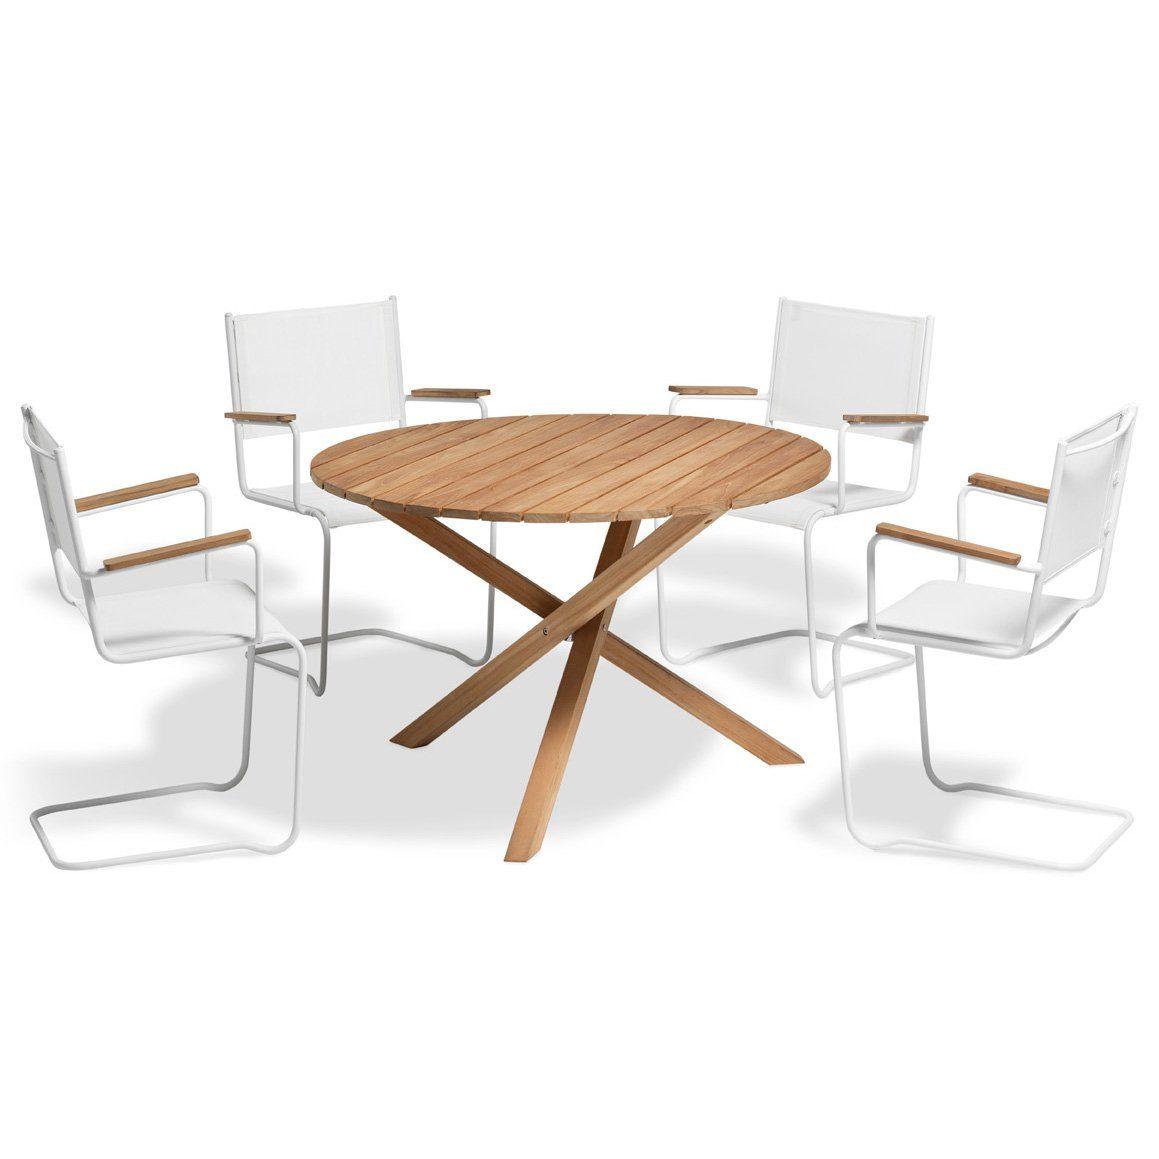 Summer fåtölj i vitt med Summer matbord från Inout | Form.